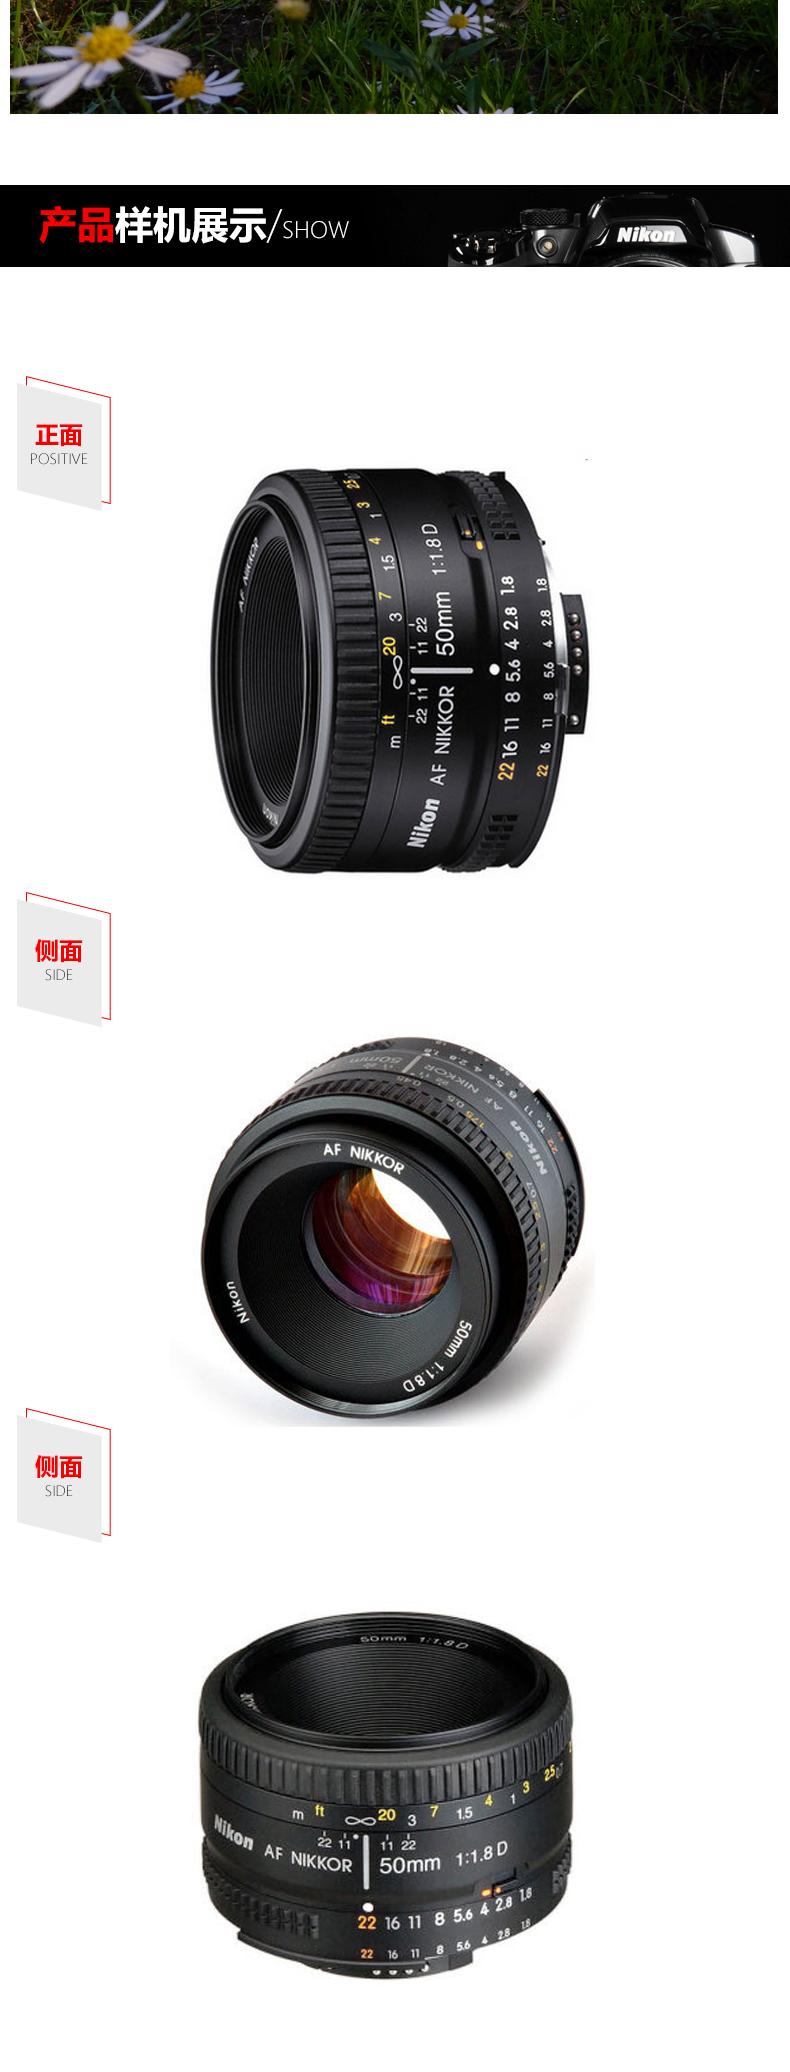 Fantastisch Nikon Full Frame Linsen Galerie - Benutzerdefinierte ...